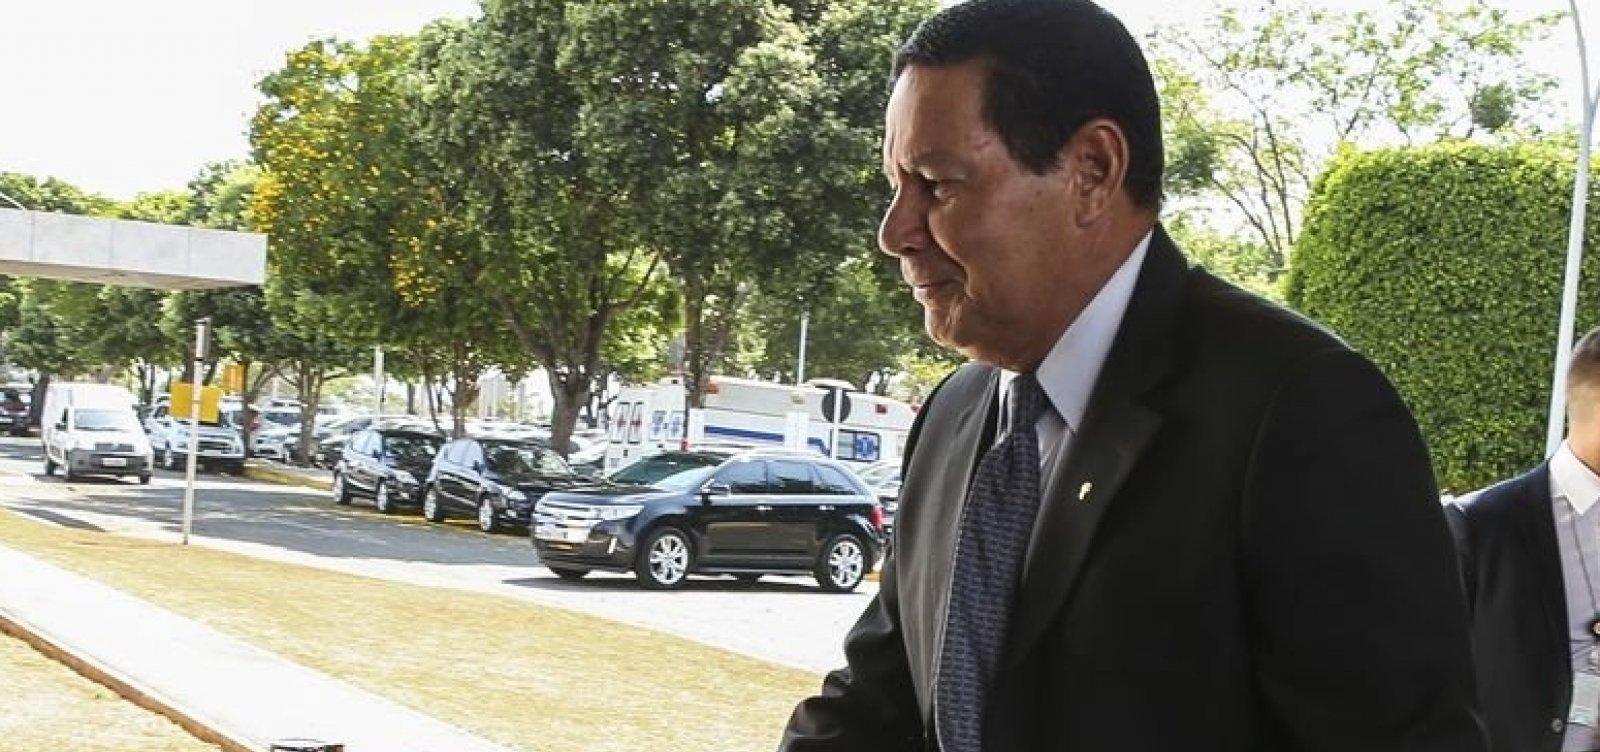 ['É preciso baixar as tensões', diz Mourão sobre cenário político durante evento em Salvador]